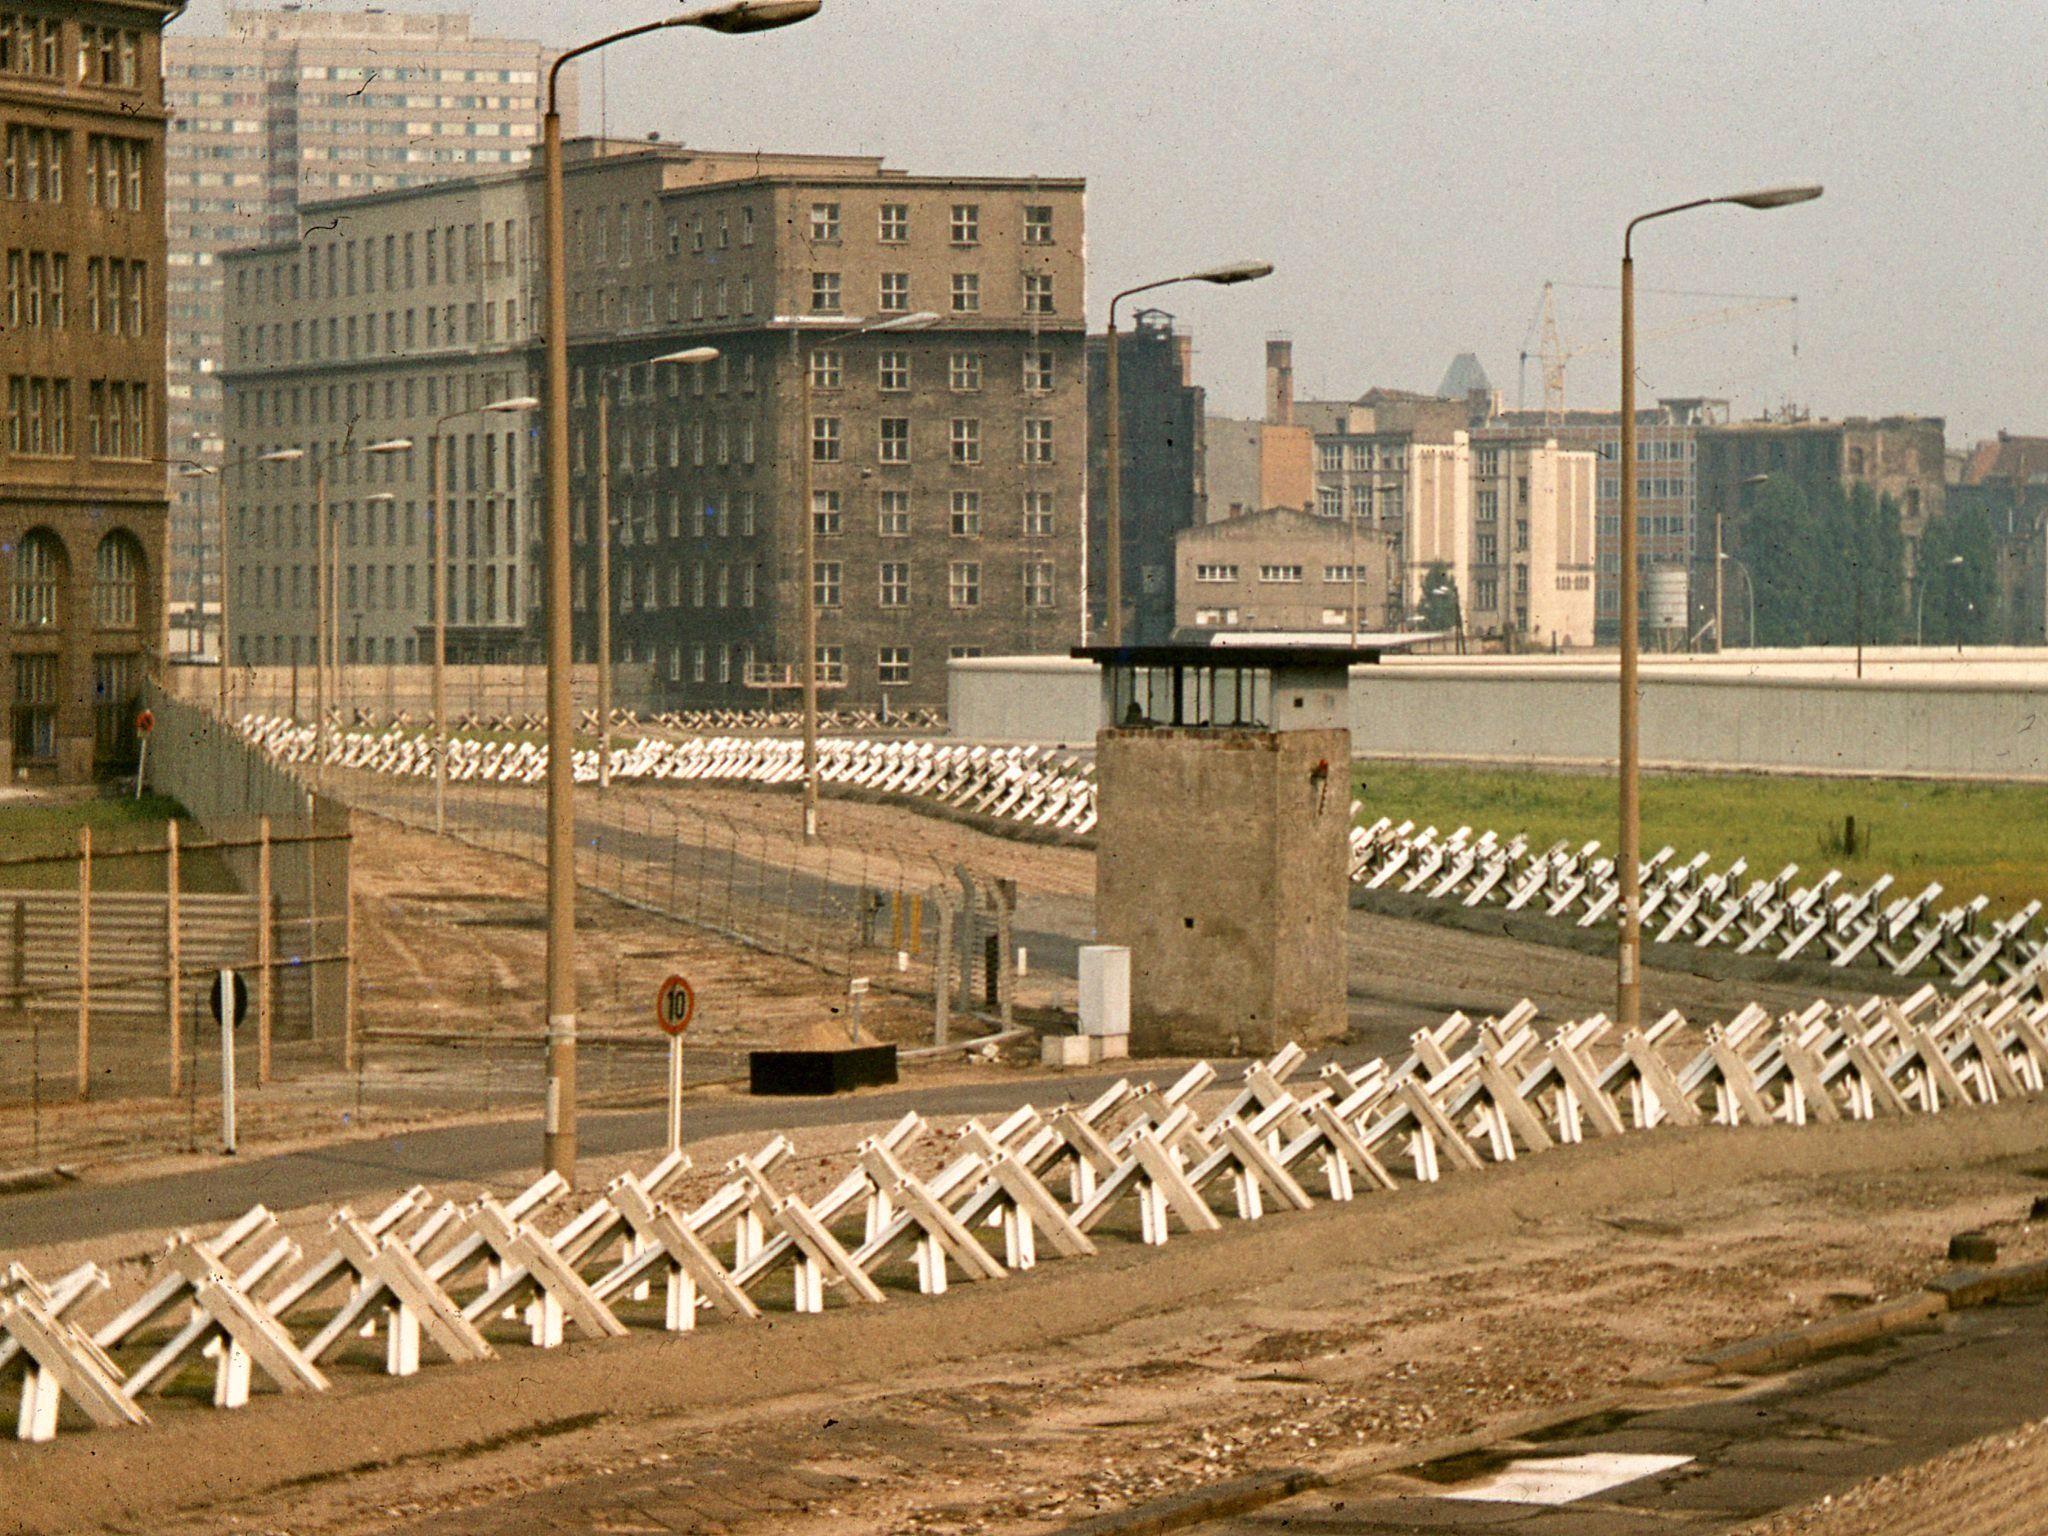 Franja de la muerte del Muro de Berlín, 1977, mostrando el erizo checo y la torre de vigilancia. @George Garrigues.